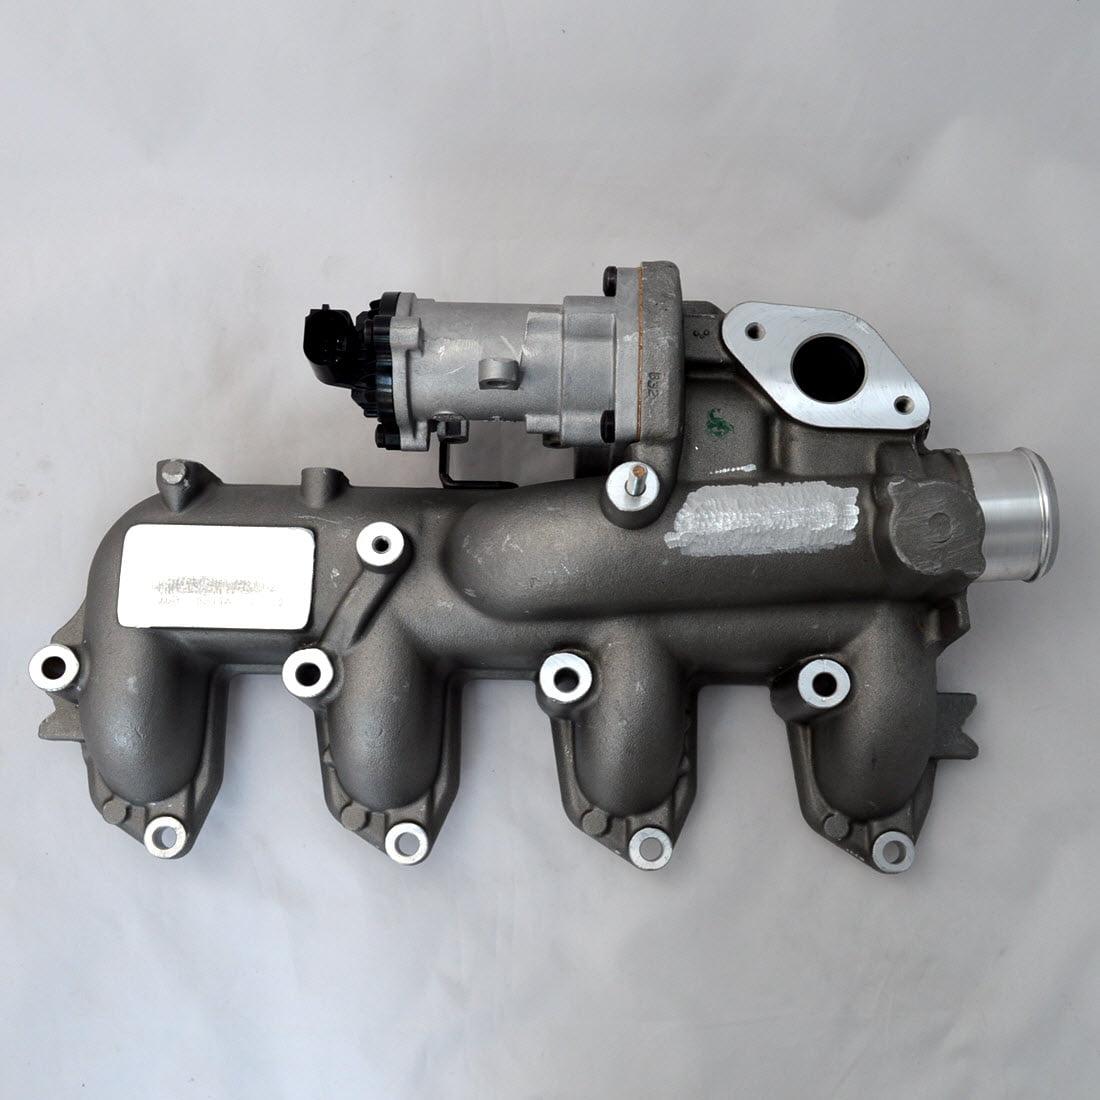 Ford-1.8tdci-egr-valve